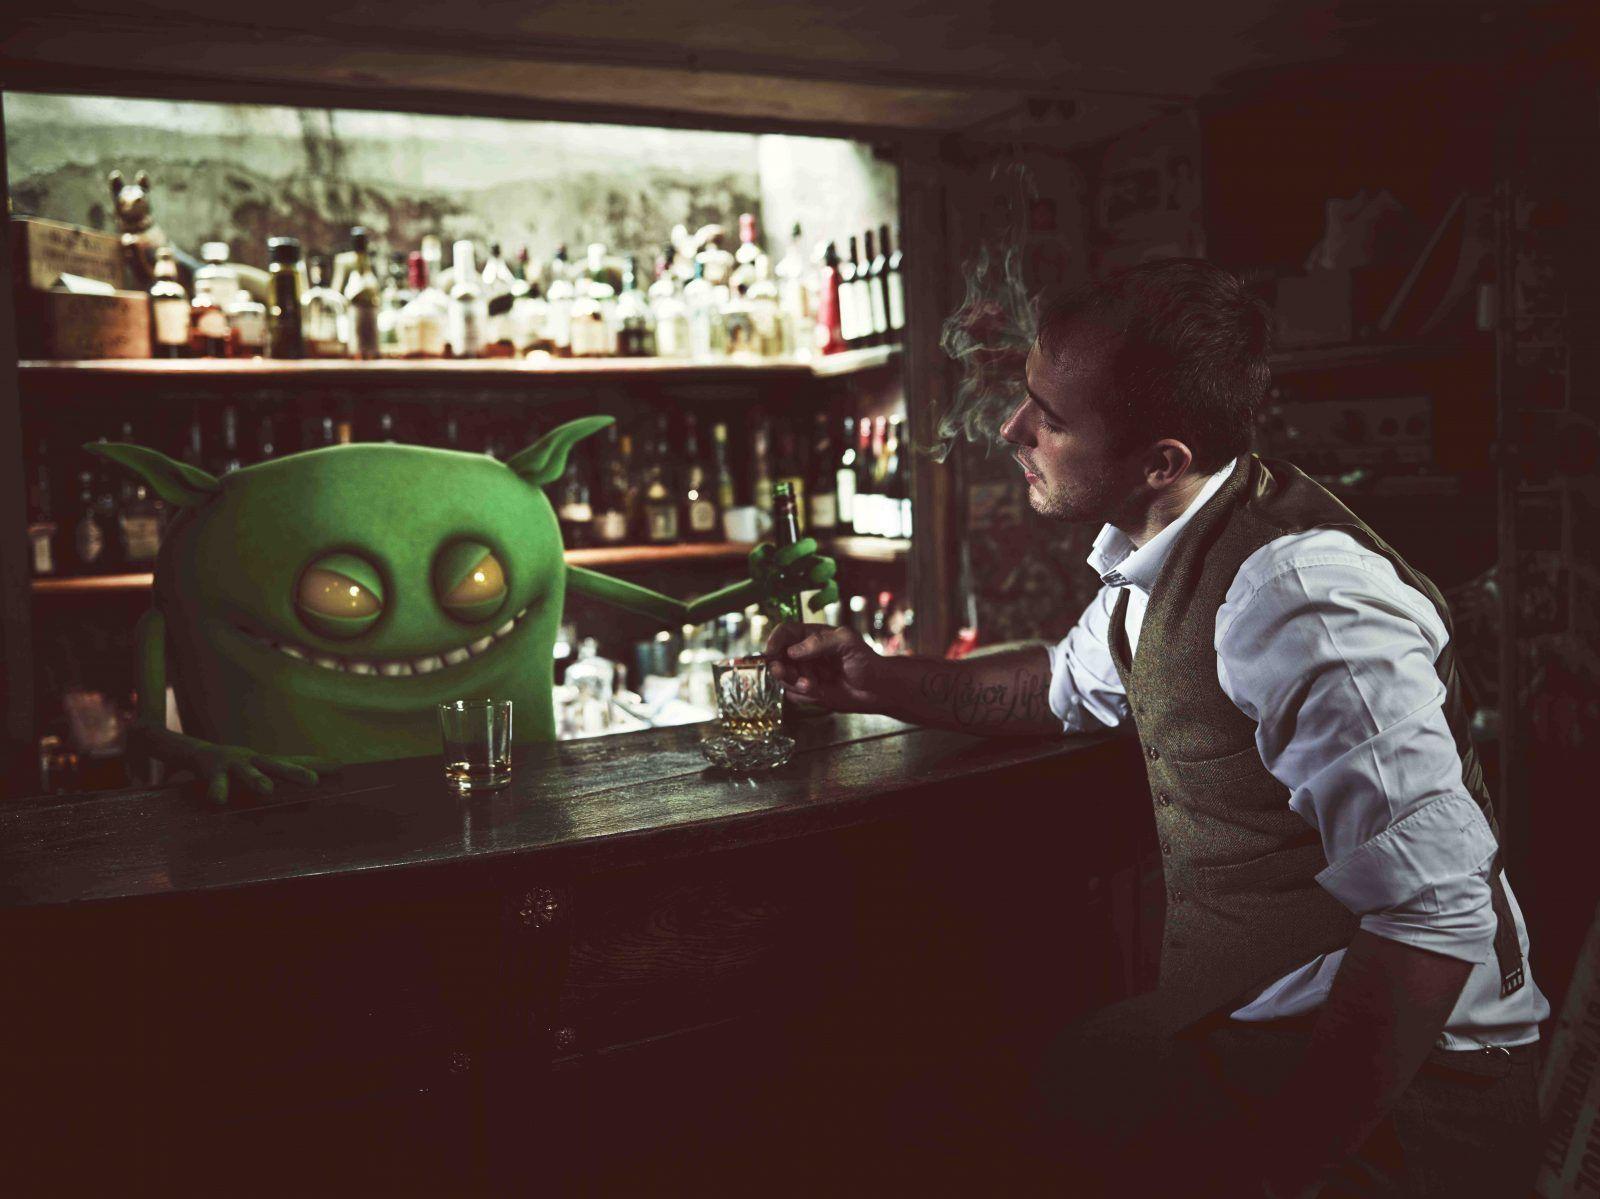 bar-scene-uncropped-lo.jpg.jpeg